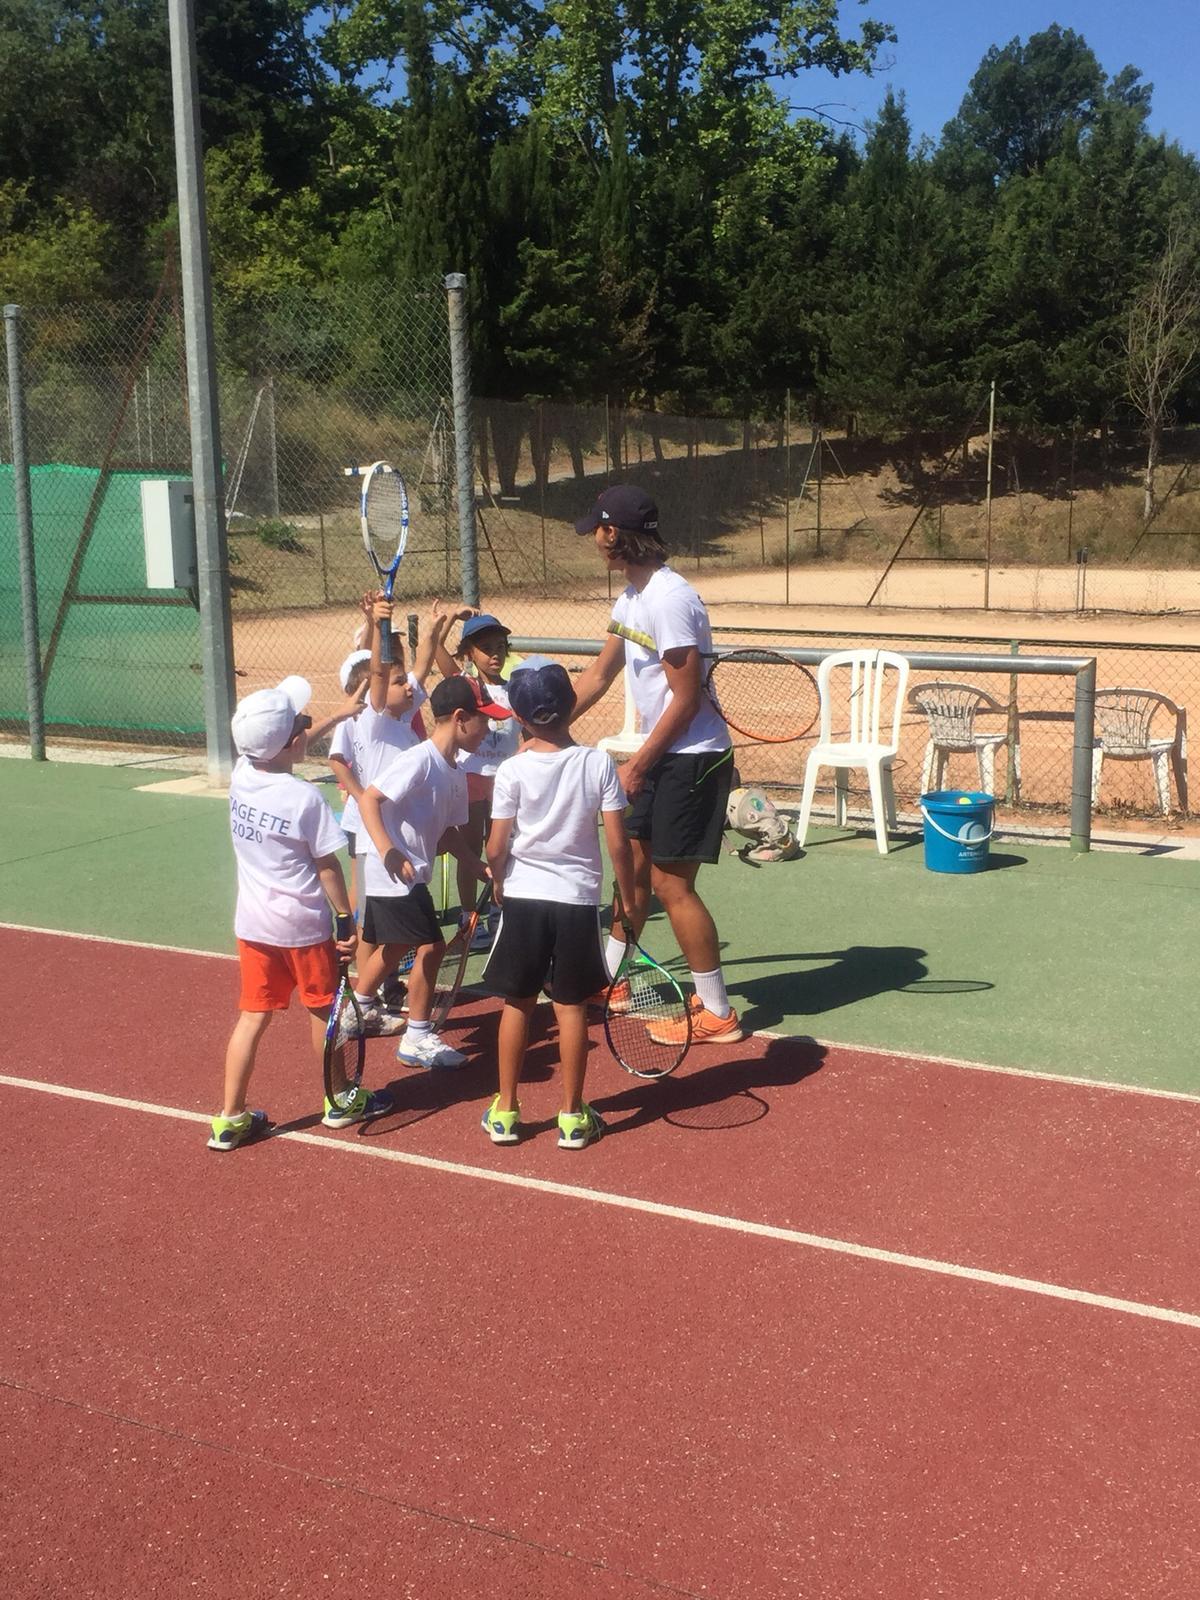 ecole de tennis du park - les accates - olivier launo 1